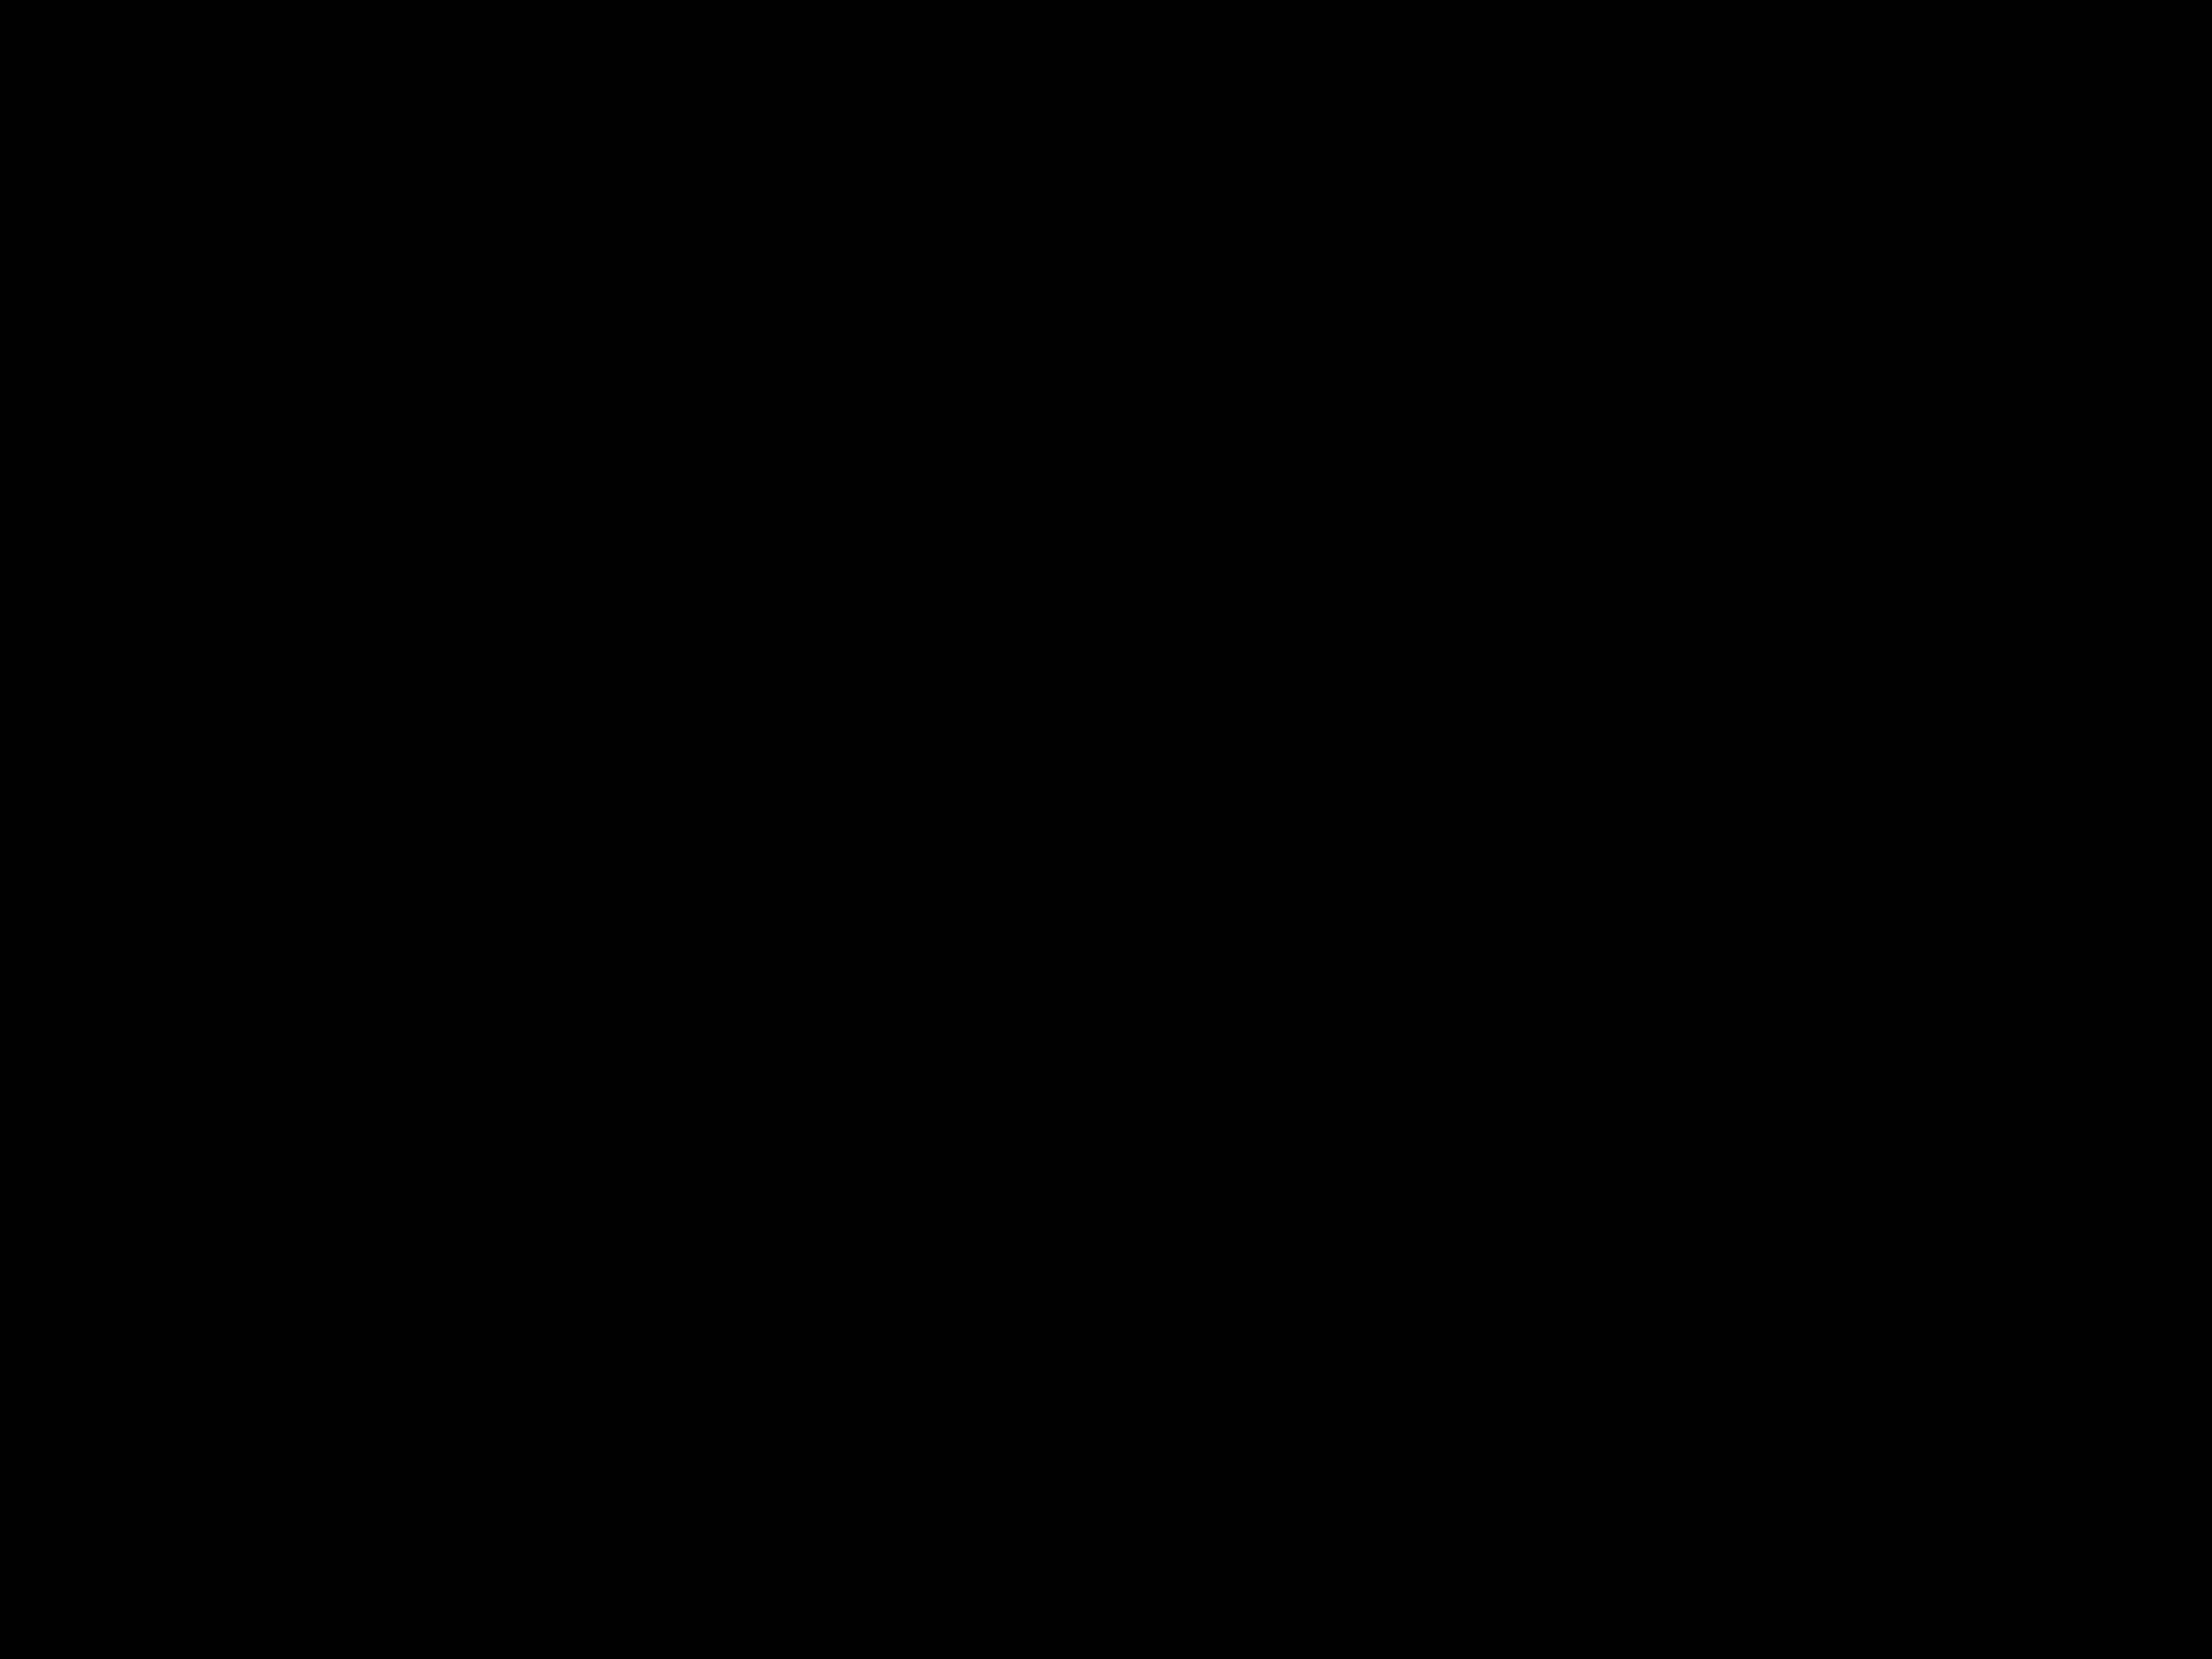 Zoom Nike